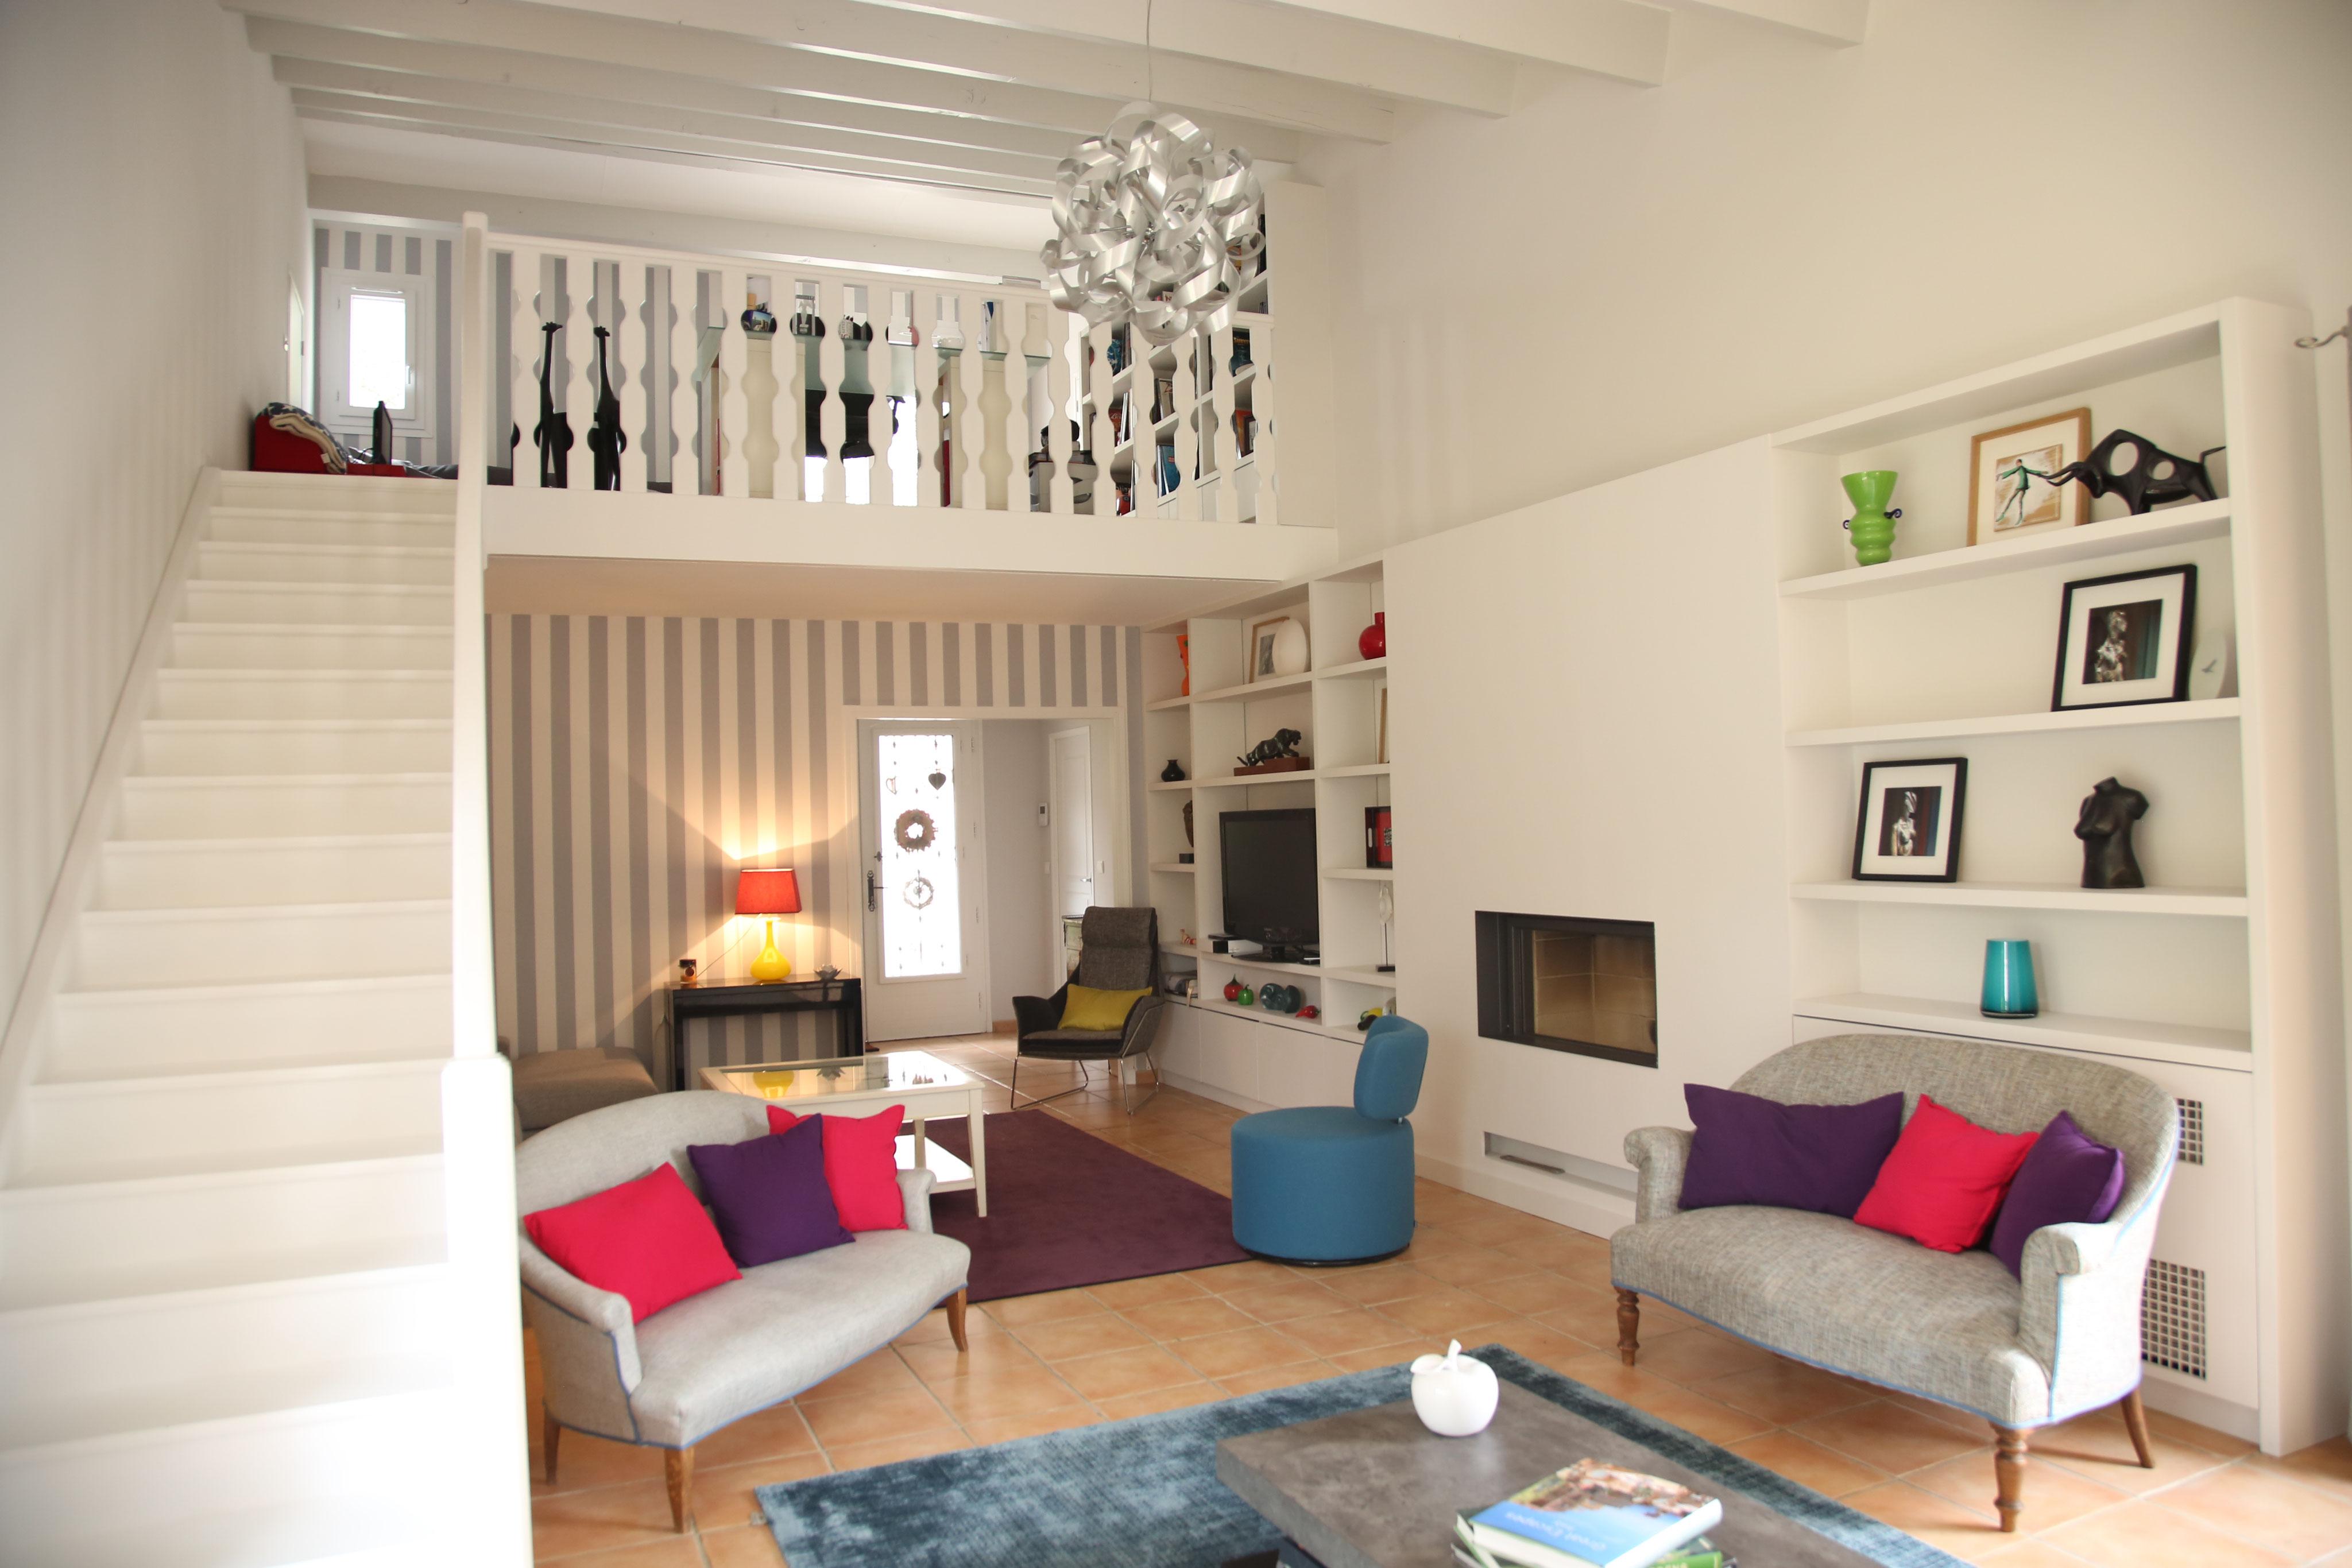 toulouse architecture d 39 int rieur d coration r alisations. Black Bedroom Furniture Sets. Home Design Ideas